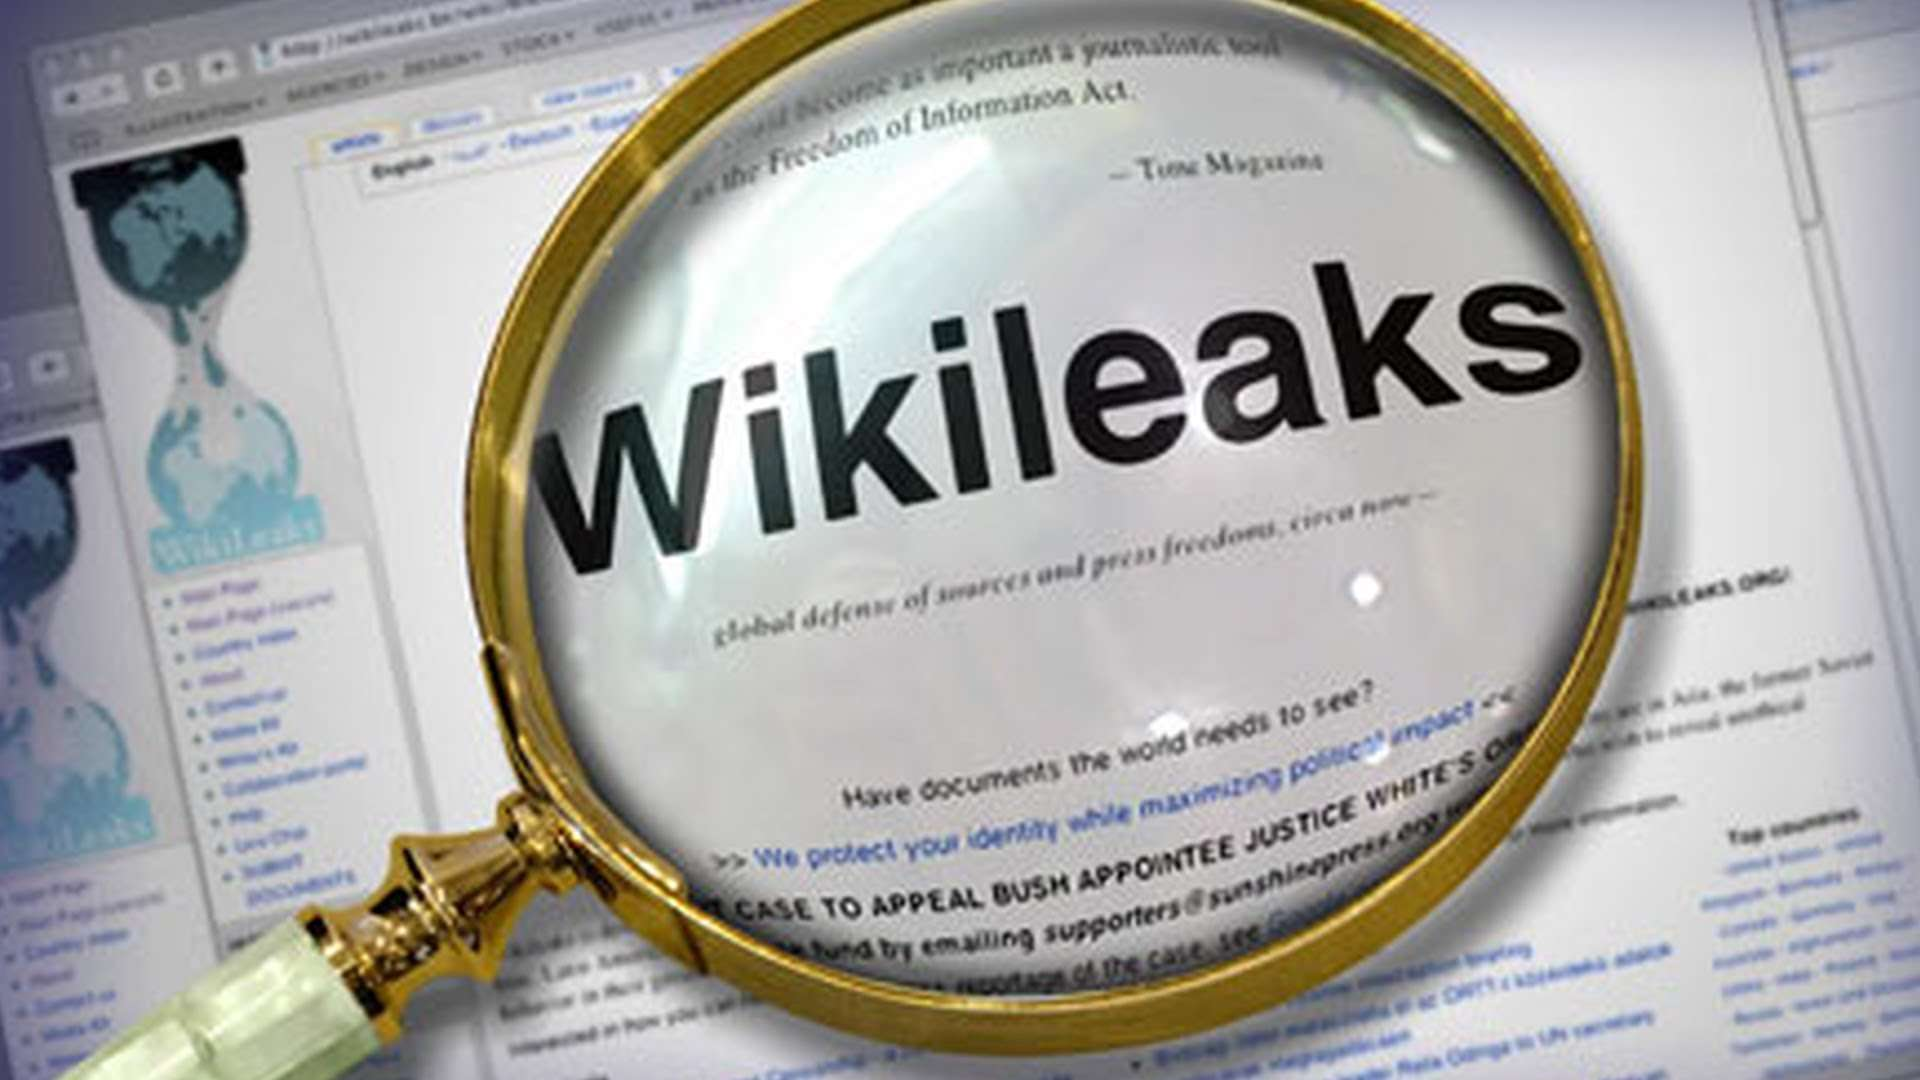 Ελευθερία, δημοκρατία, διαφάνεια και το Wikileaks